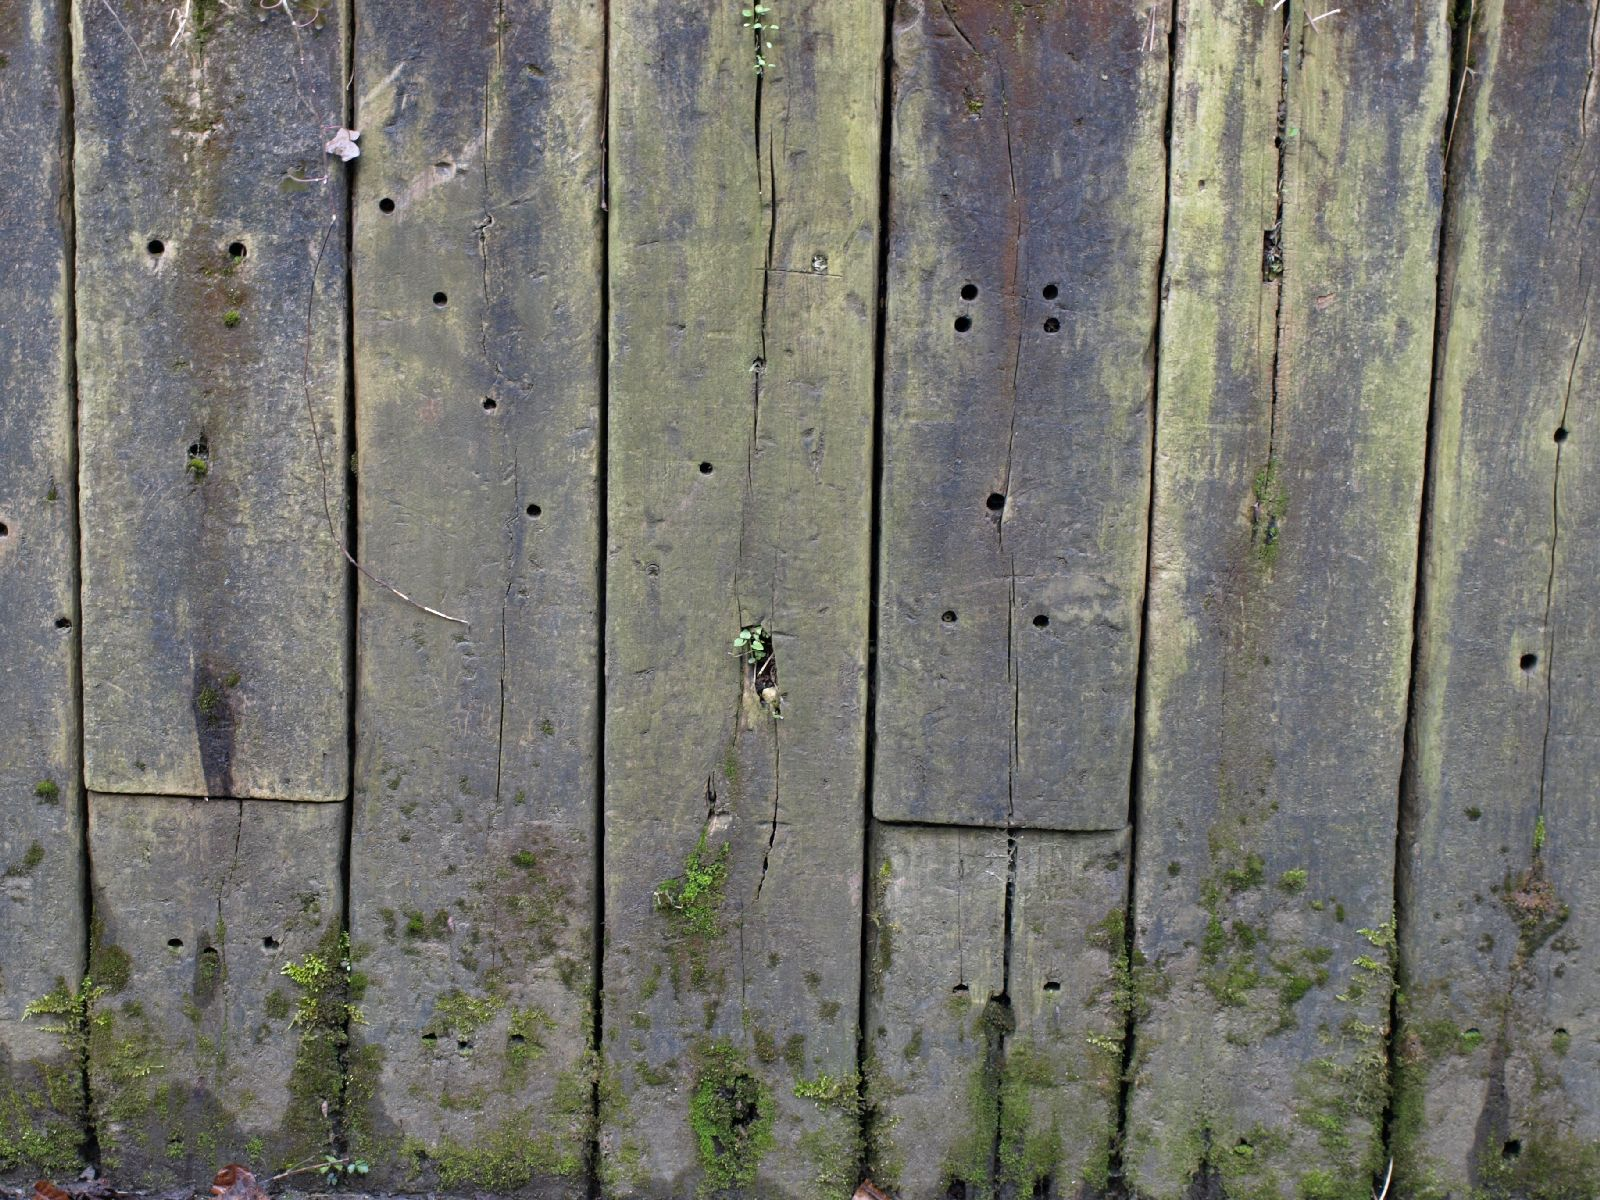 Holz_Textur_A_P4201431